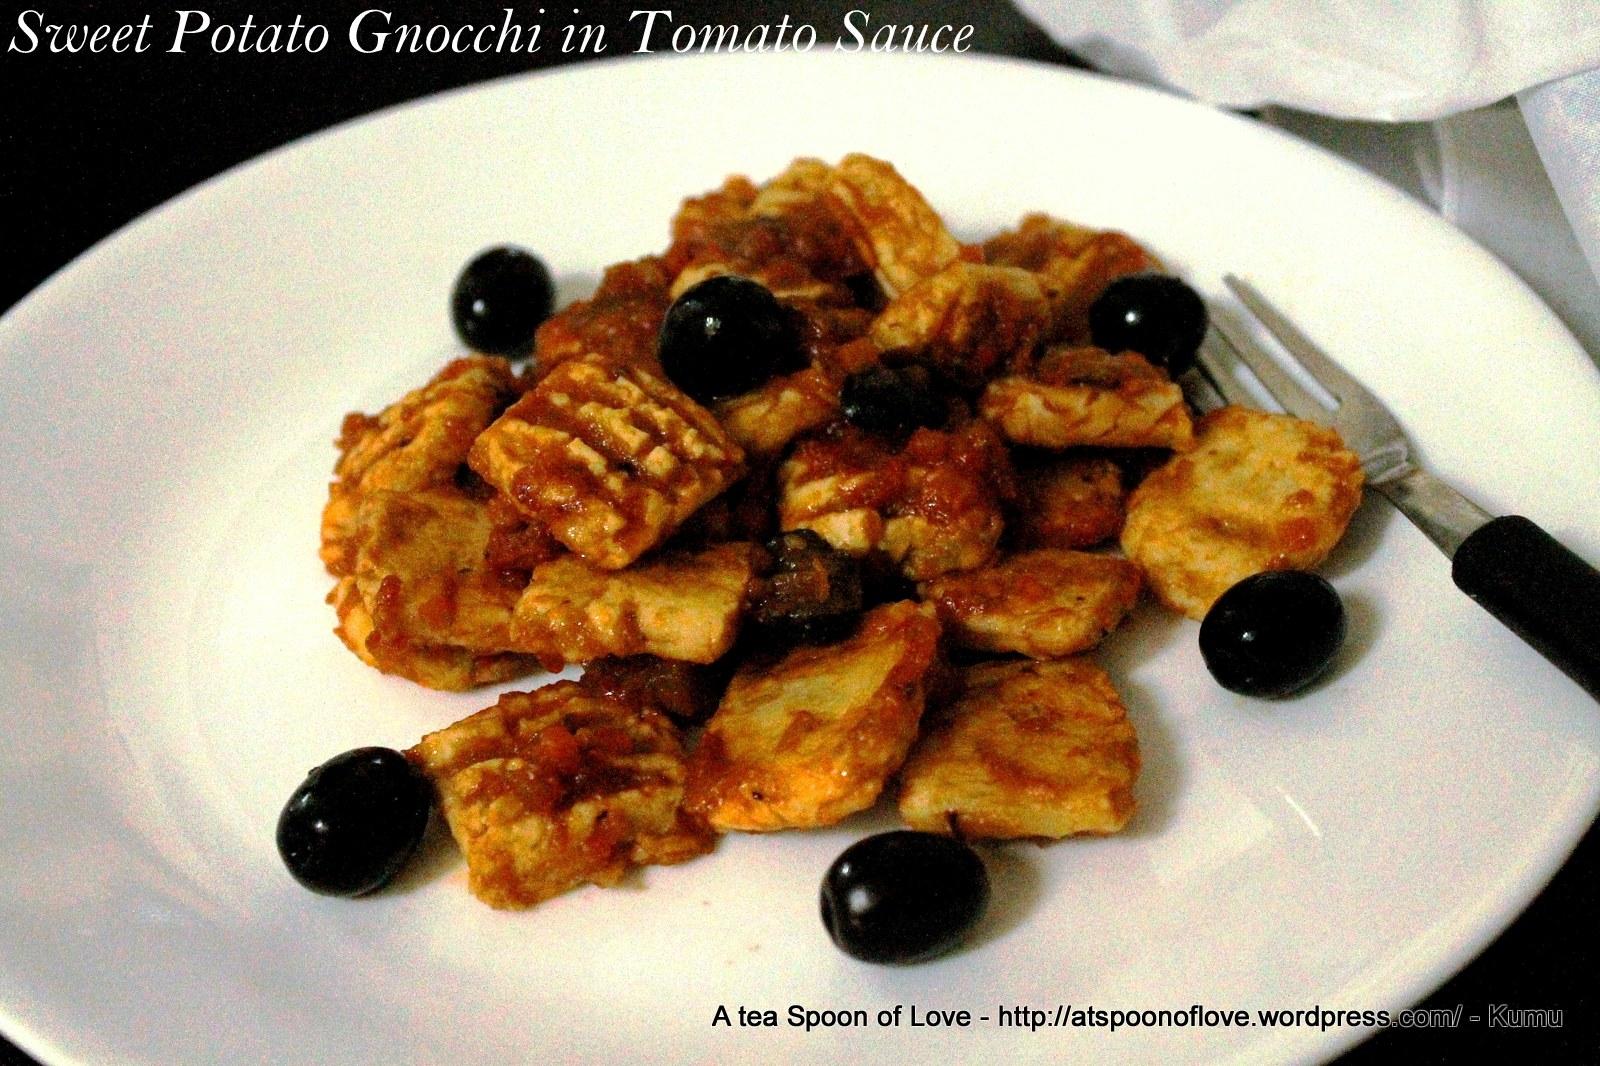 Paleo Sweet Potato Gnocchi with Tomato Sauce